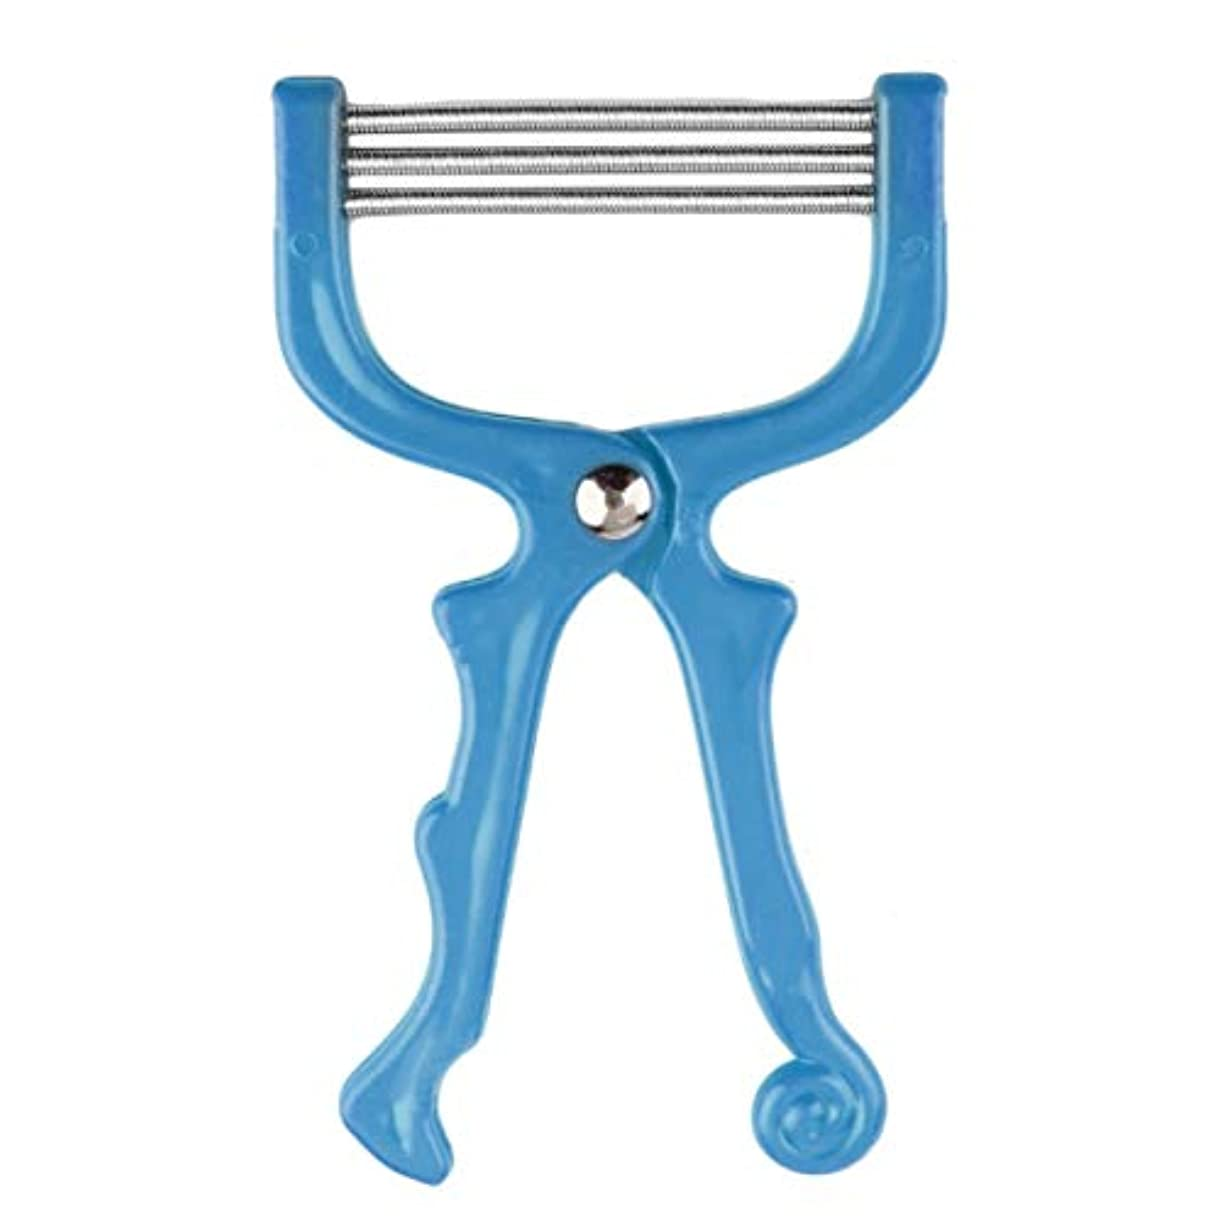 条件付きレタッチインタネットを見る安全なハンドヘルド春のローラーの女性の顔の顔の毛の取り外しの脱毛器の美しさの脱毛器のエピのローラーのフェイスケアのマッサージャー(青)